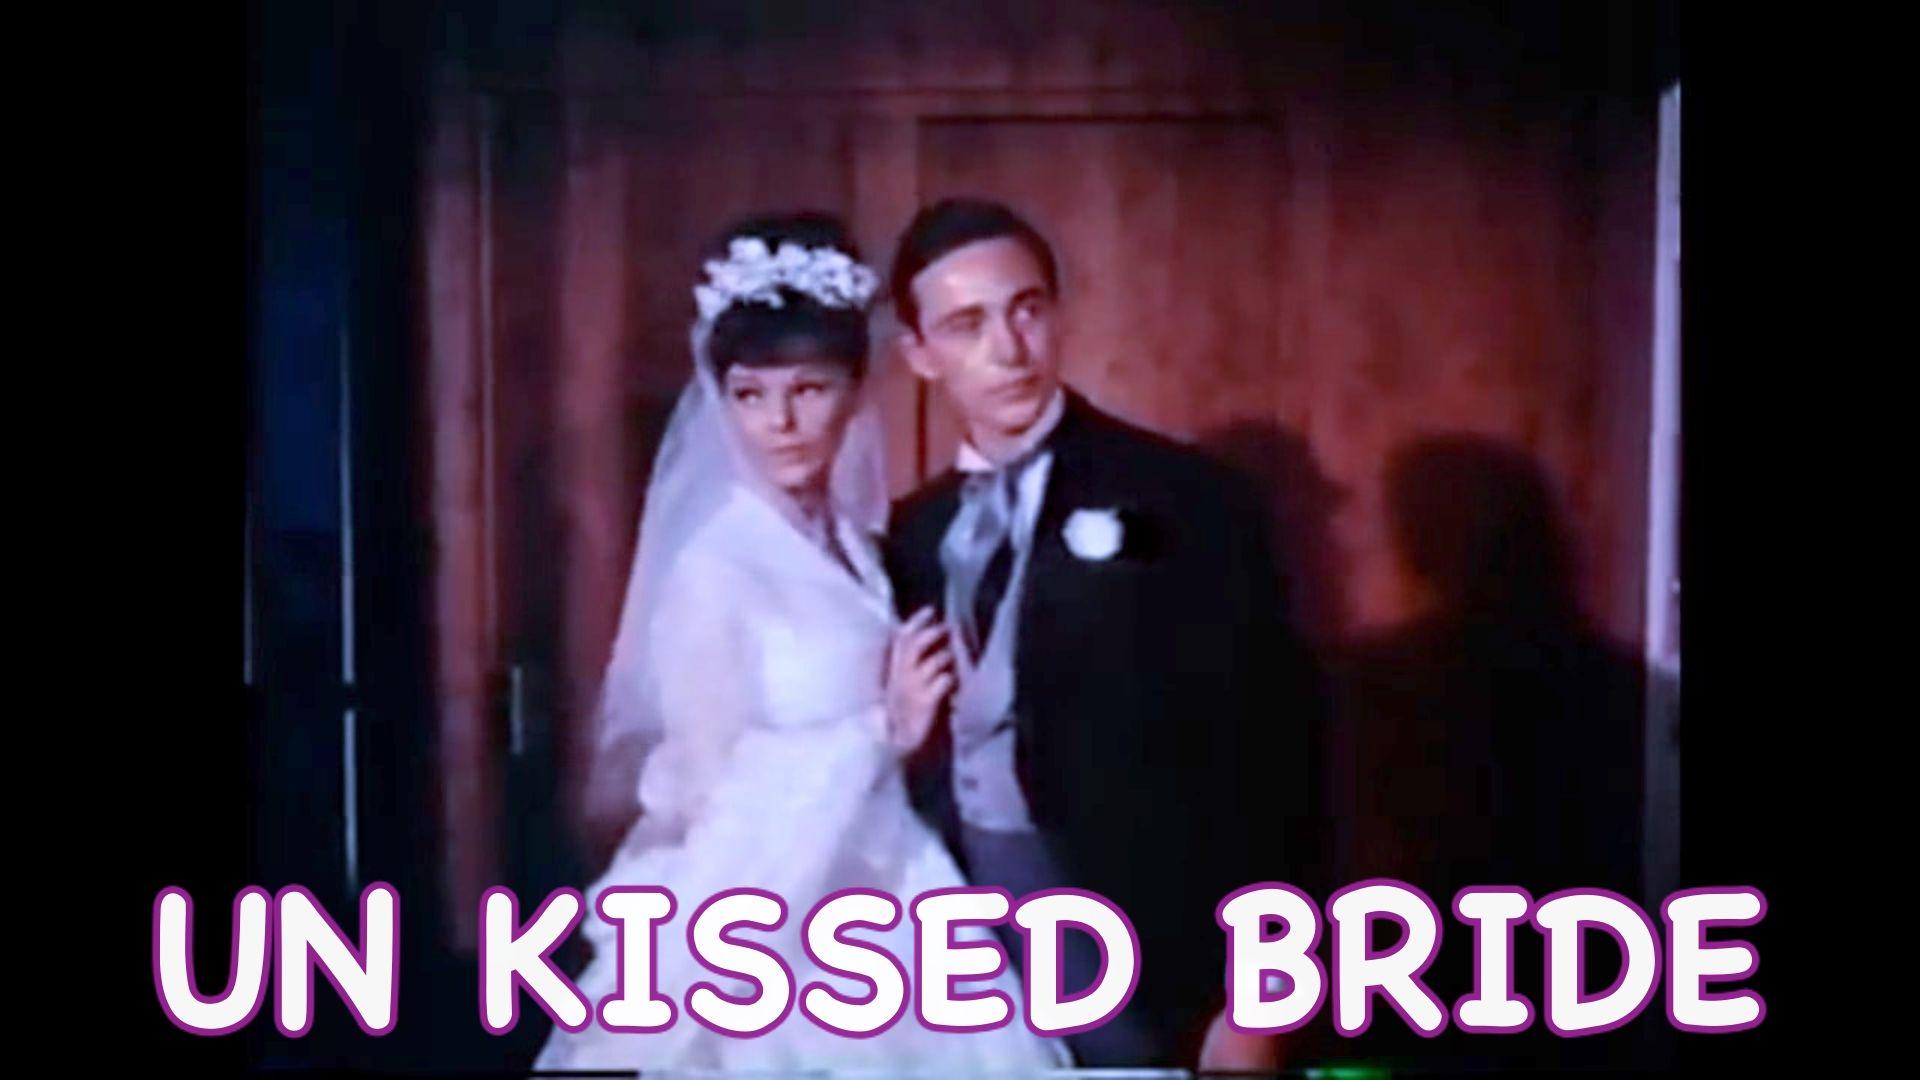 Un Kissed Bride